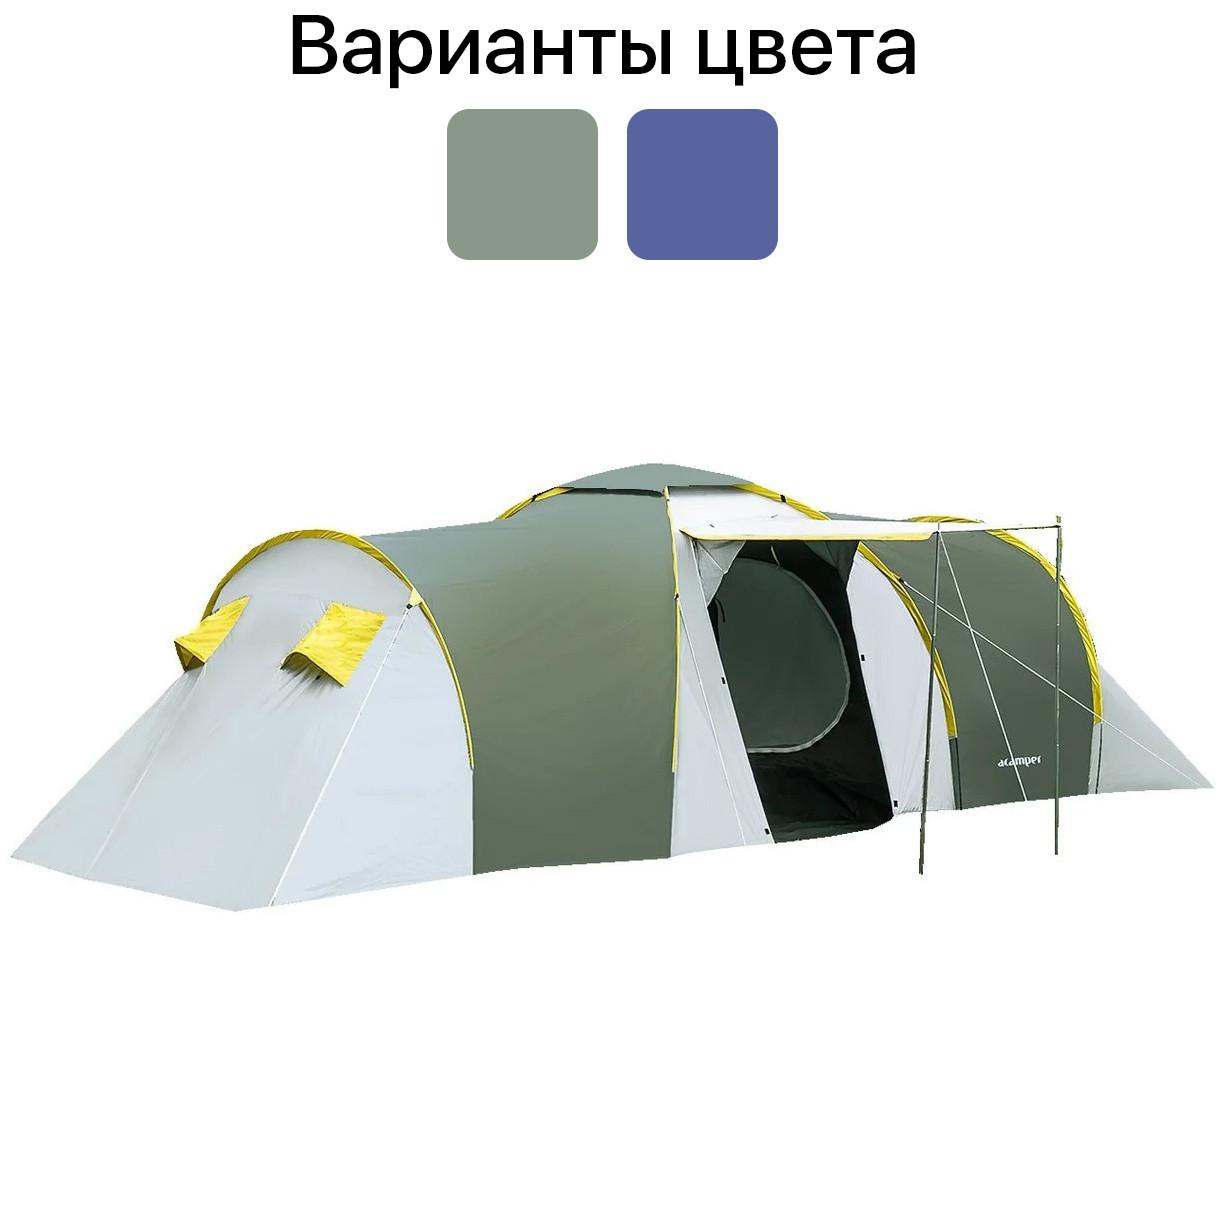 Большая туристическая палатка Acamper Nadir 8 с тамбуром восьмиместная